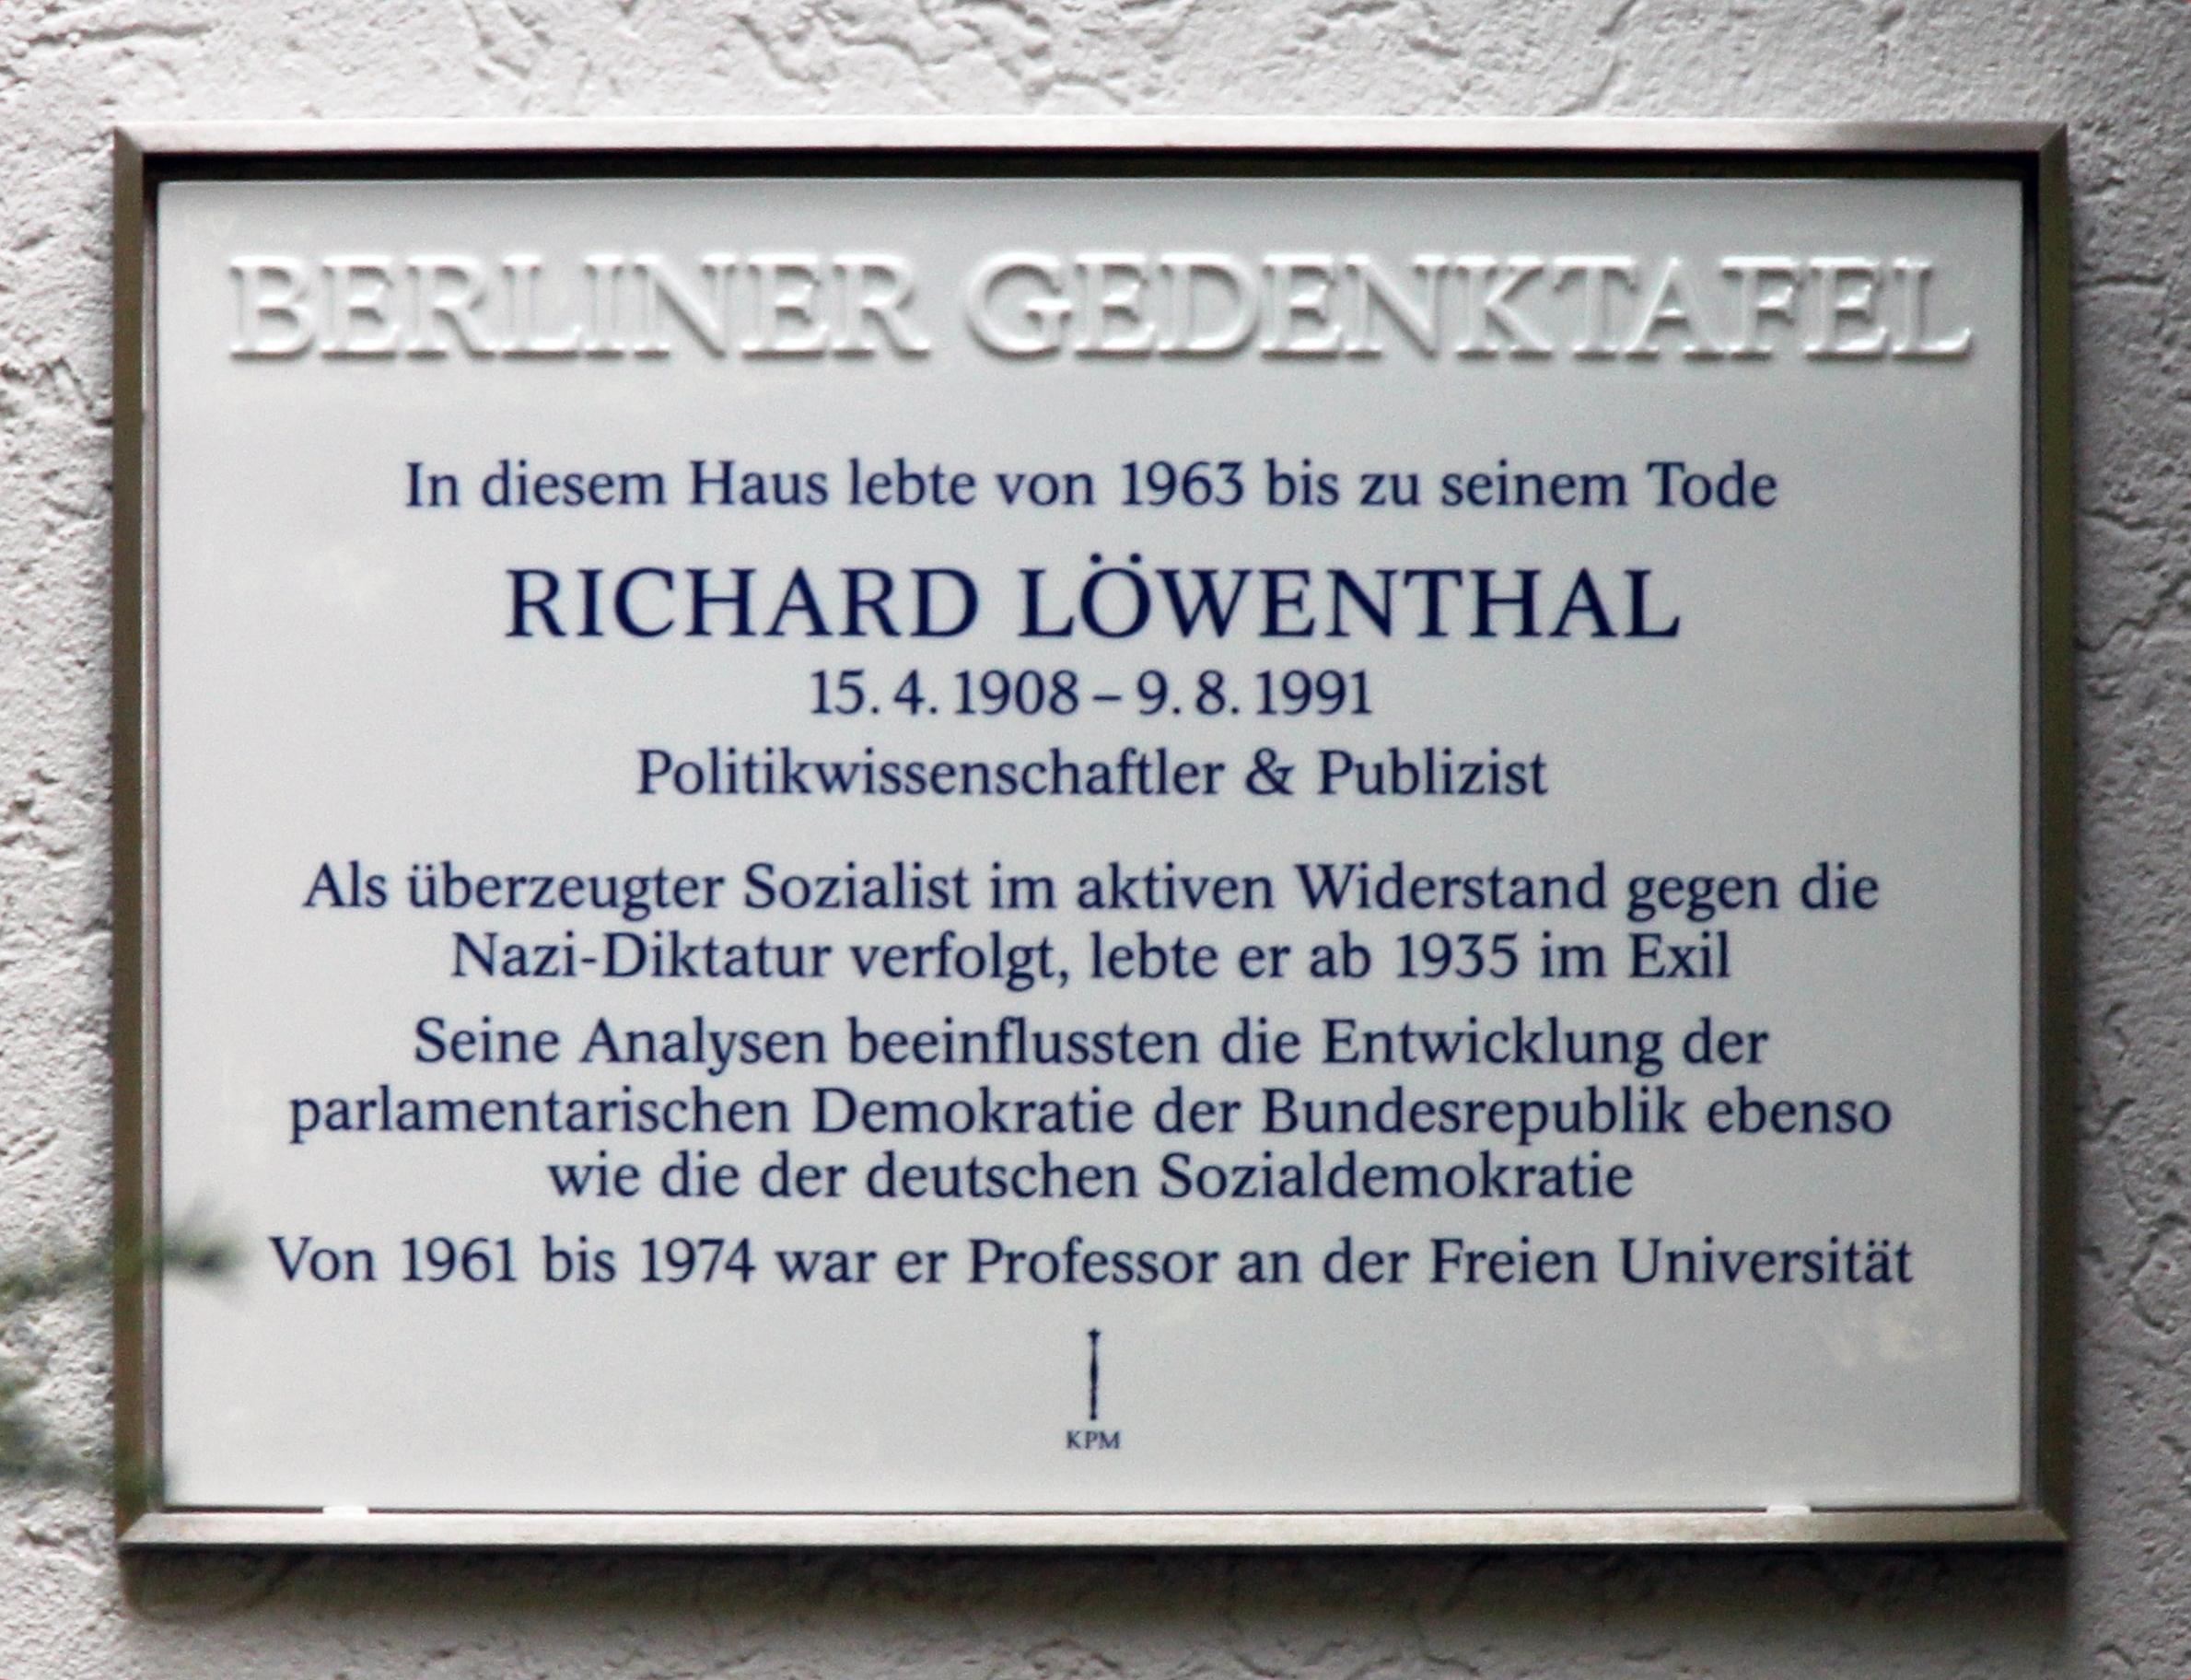 """Gedenktafel der Initiative """"Berliner Gedenkorte"""" für den Sozialdemokraten und Politologen Richard Löwenthal; Bildrechte: OTFW, Wikimedia Commons"""